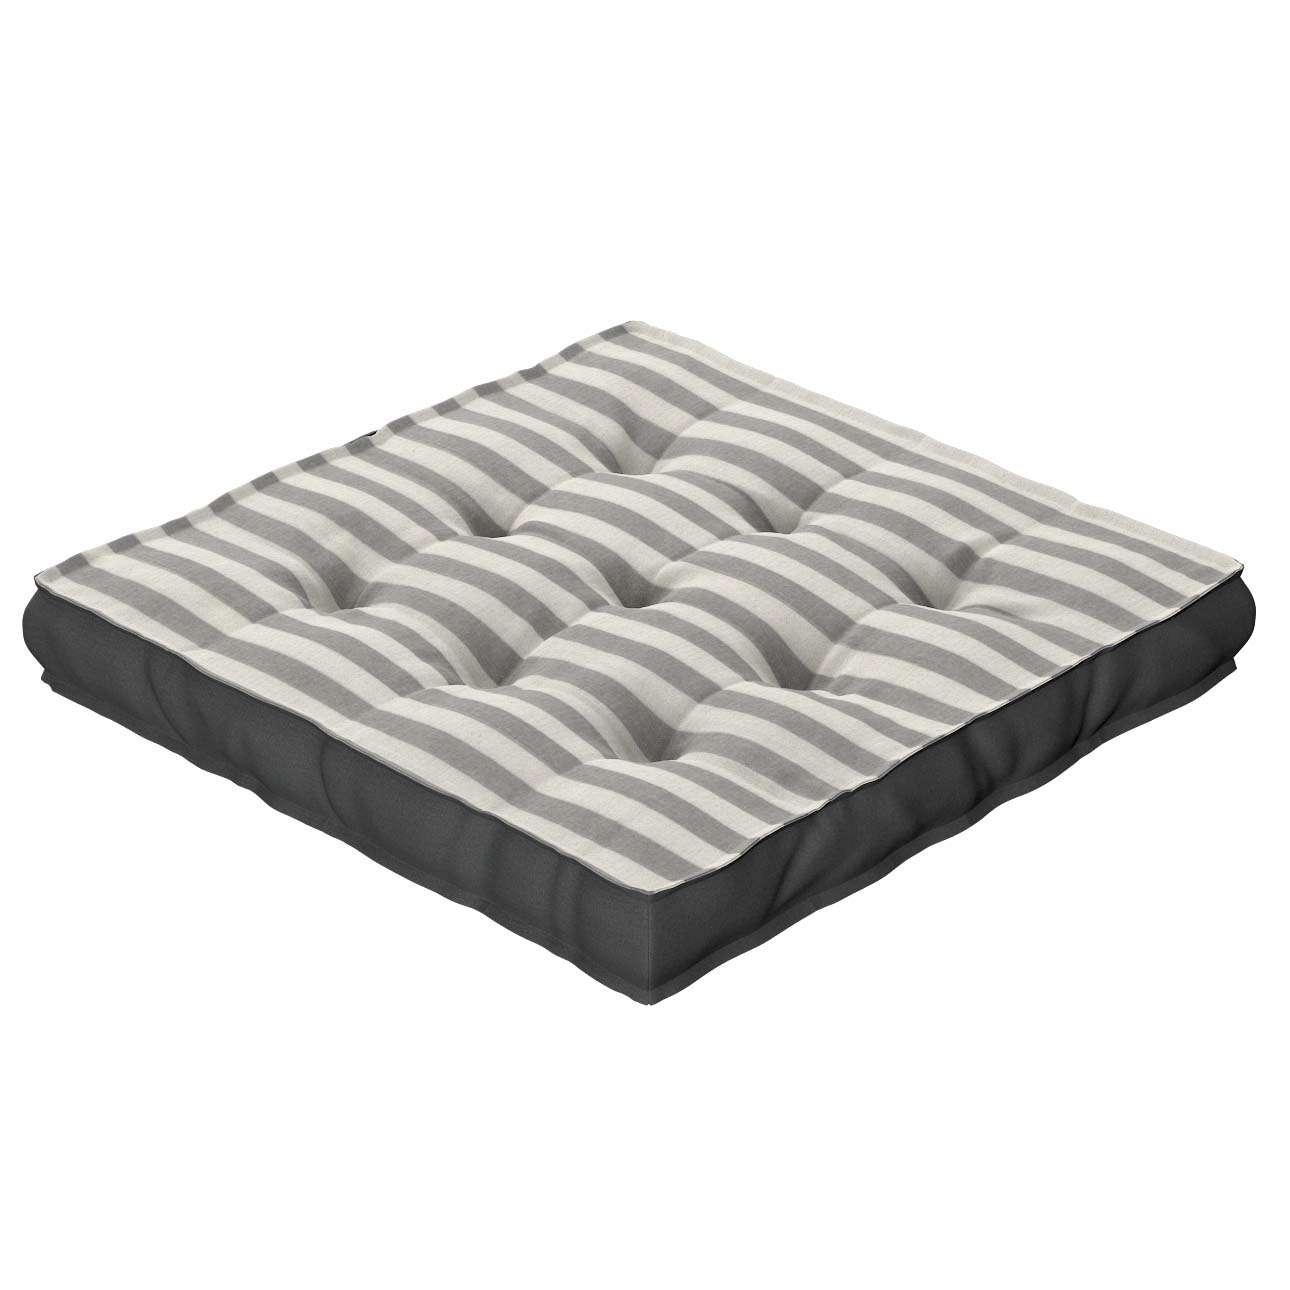 Pagalvėlė Kuba kėdei/ant grindų 40 x 40 x 6 cm kolekcijoje Quadro, audinys: 136-12